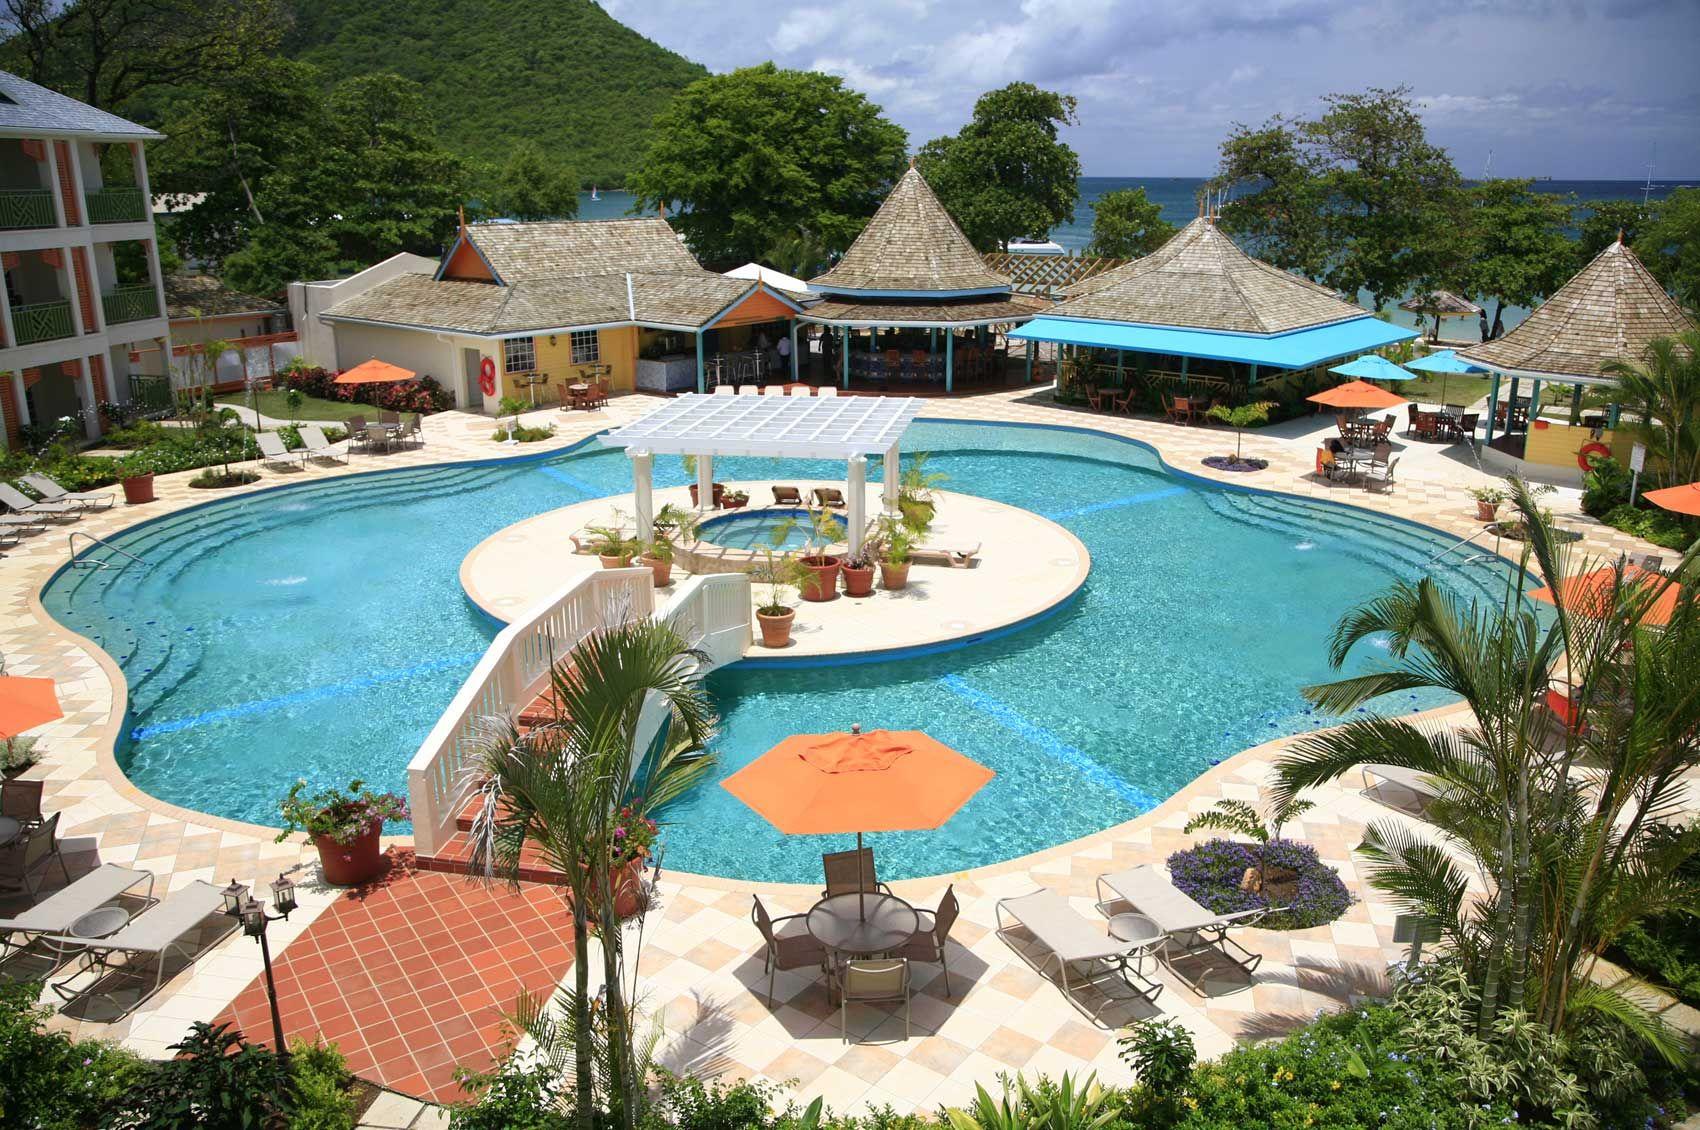 4039e97abd881e594d7375fcb5dd1217 - Bay Gardens Beach Resort Day Pass Reviews